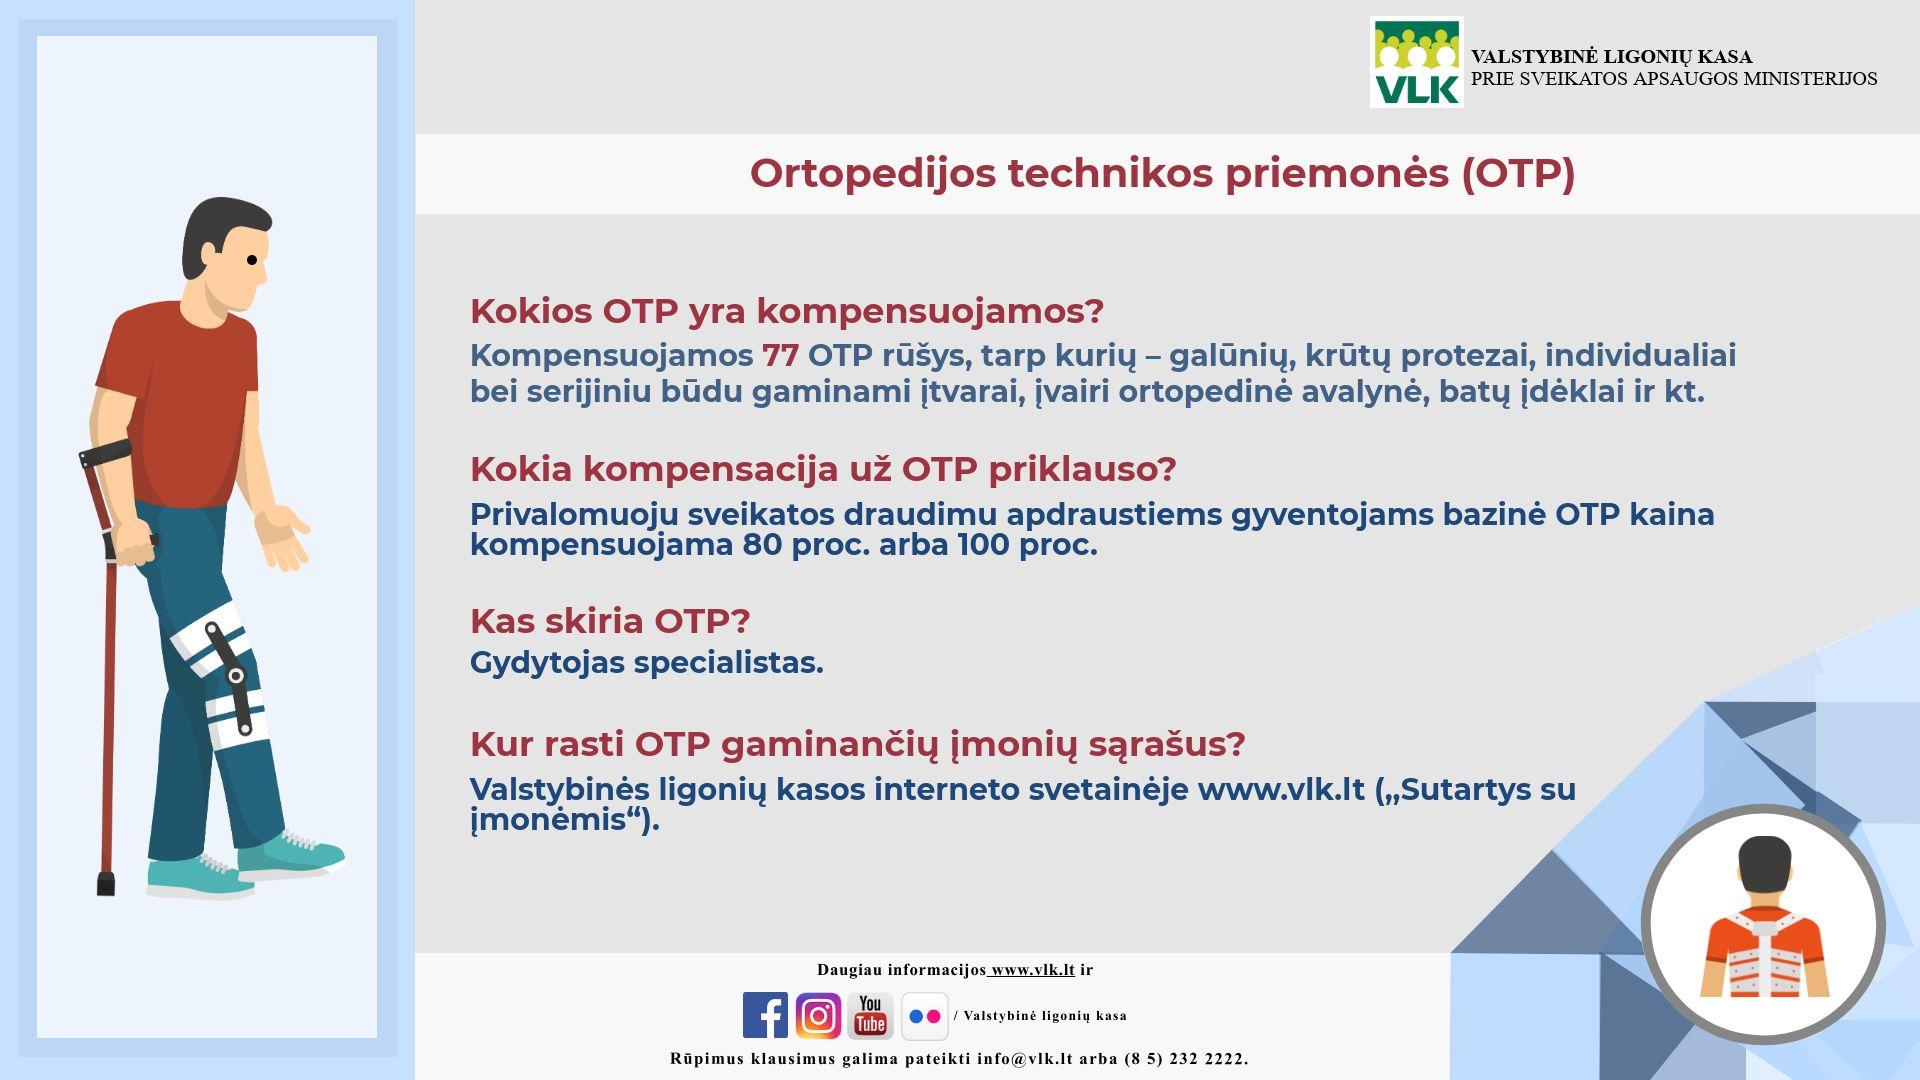 Ortopedijos technikos priemonės (OTP) kokių prireikia daugiausia | VLK nuotr.